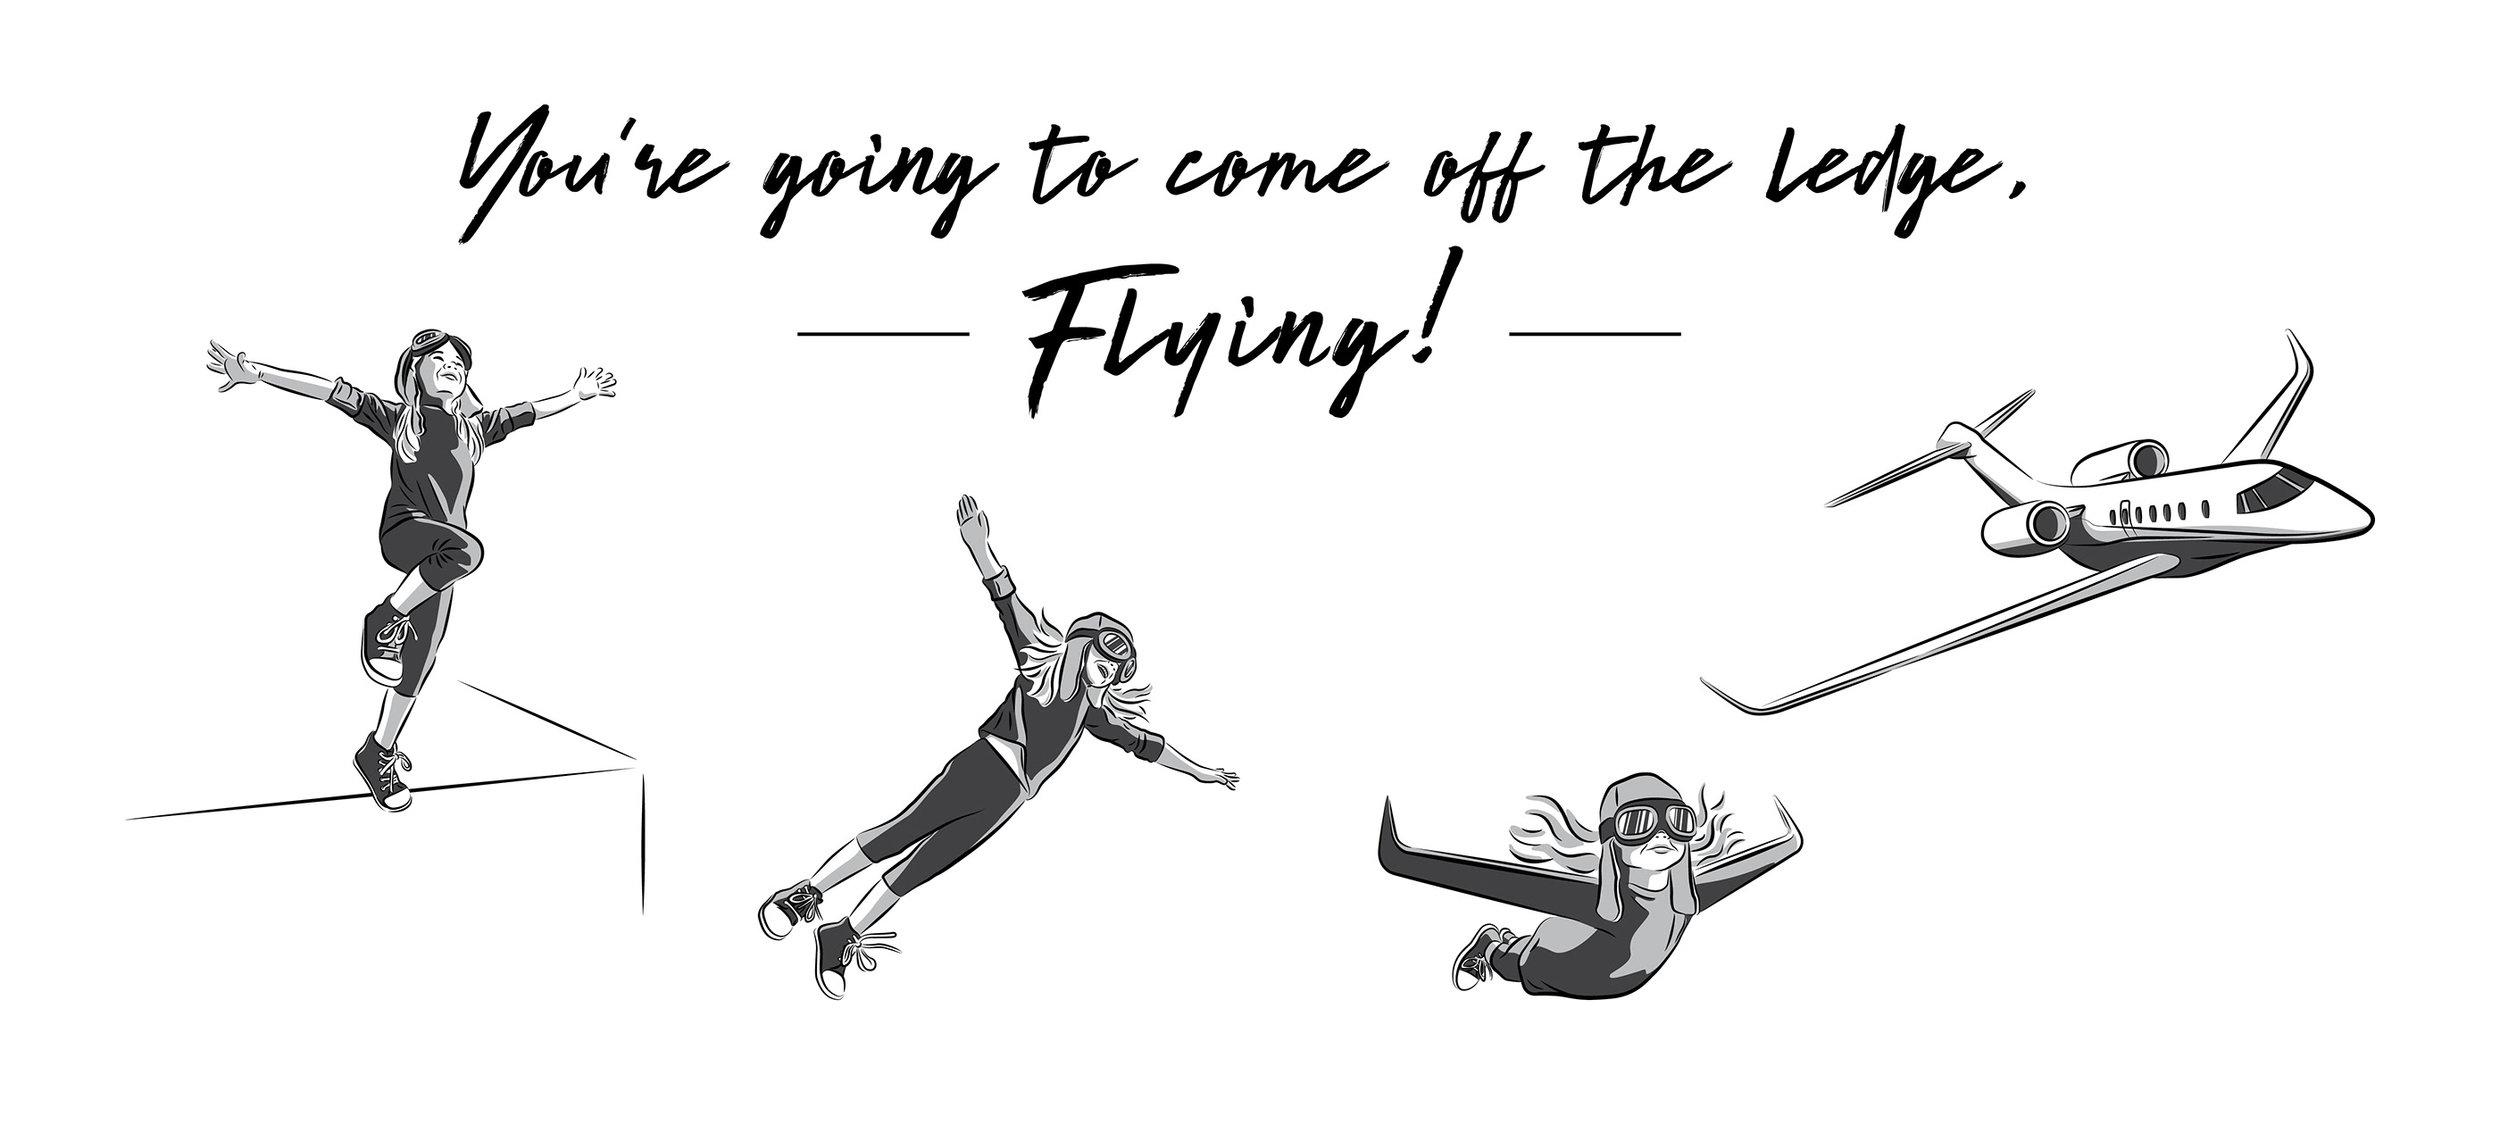 5.Flying_Final.jpg